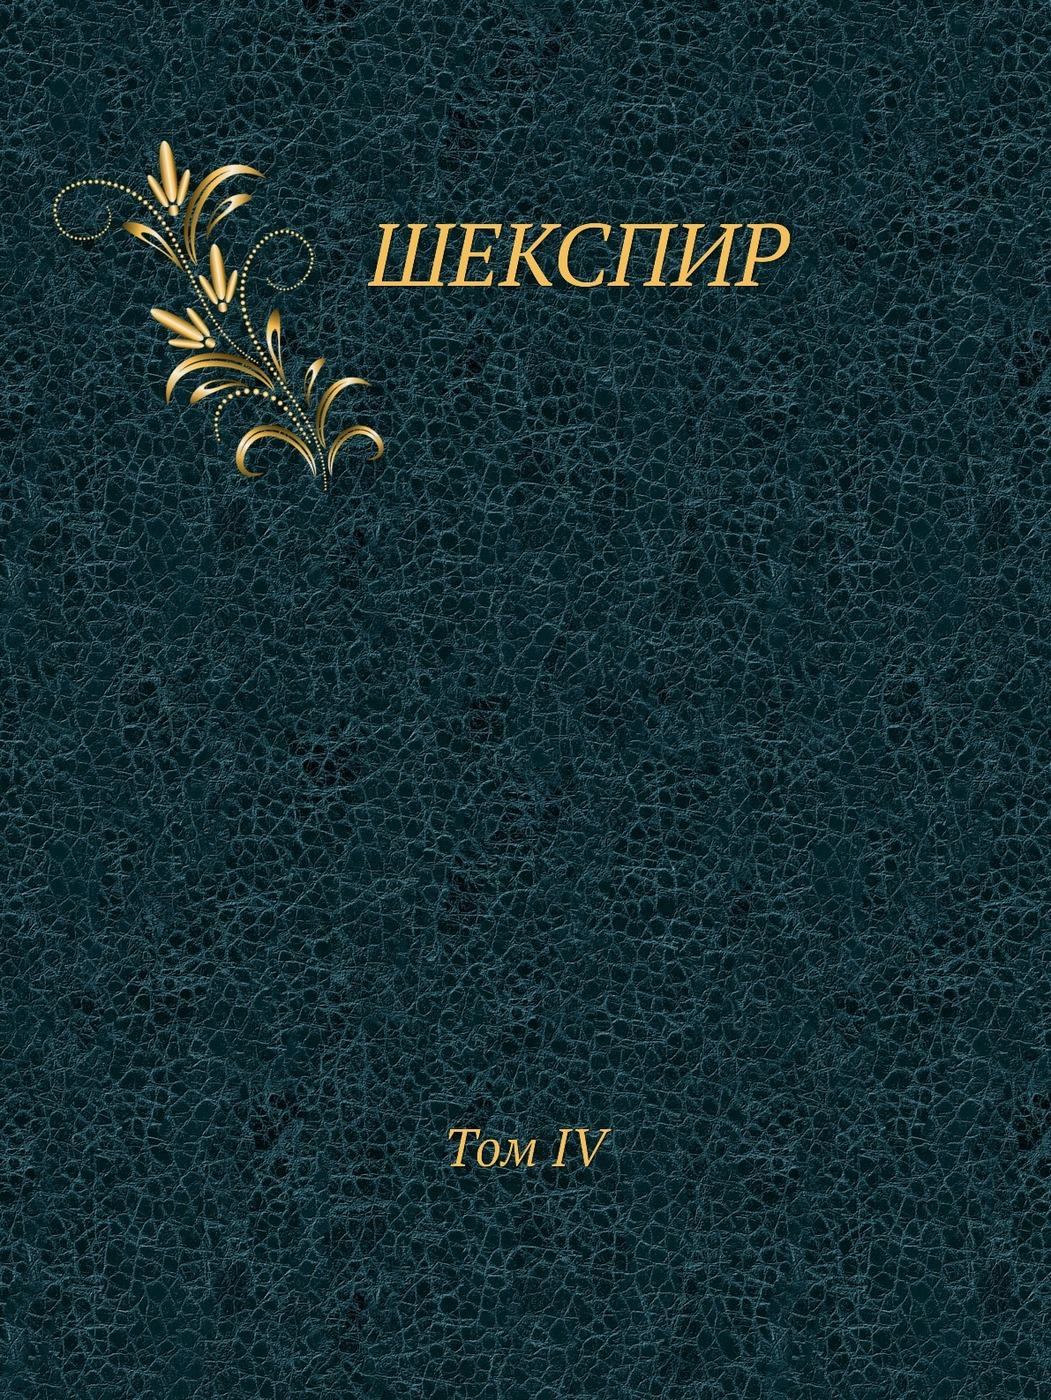 Шекспир. Том IV. Полное собрание сочинений в пяти томах (Антикварное издание 1902 г.)